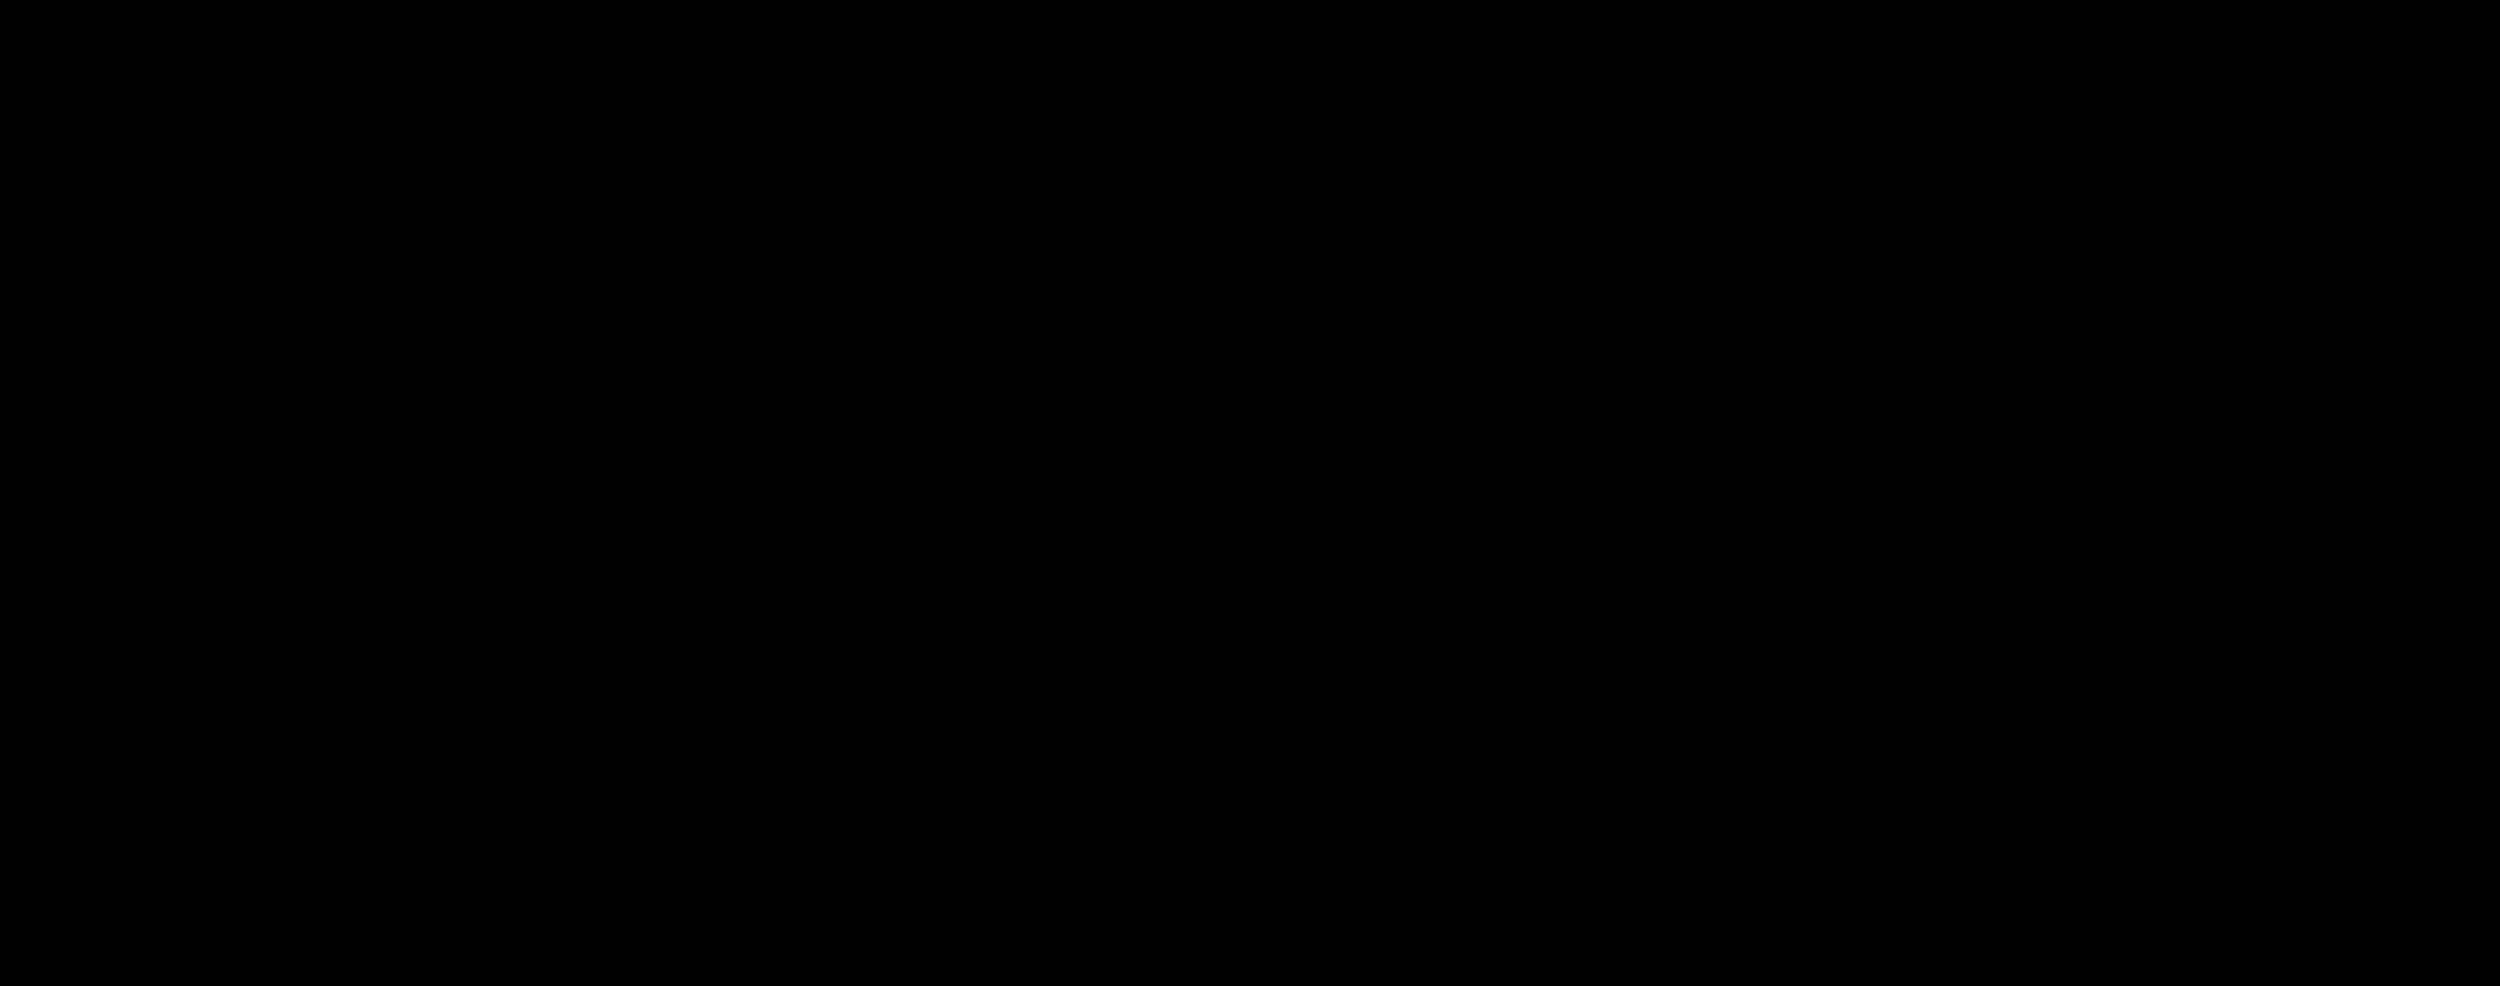 mt-logo-bug-black [Converted].png